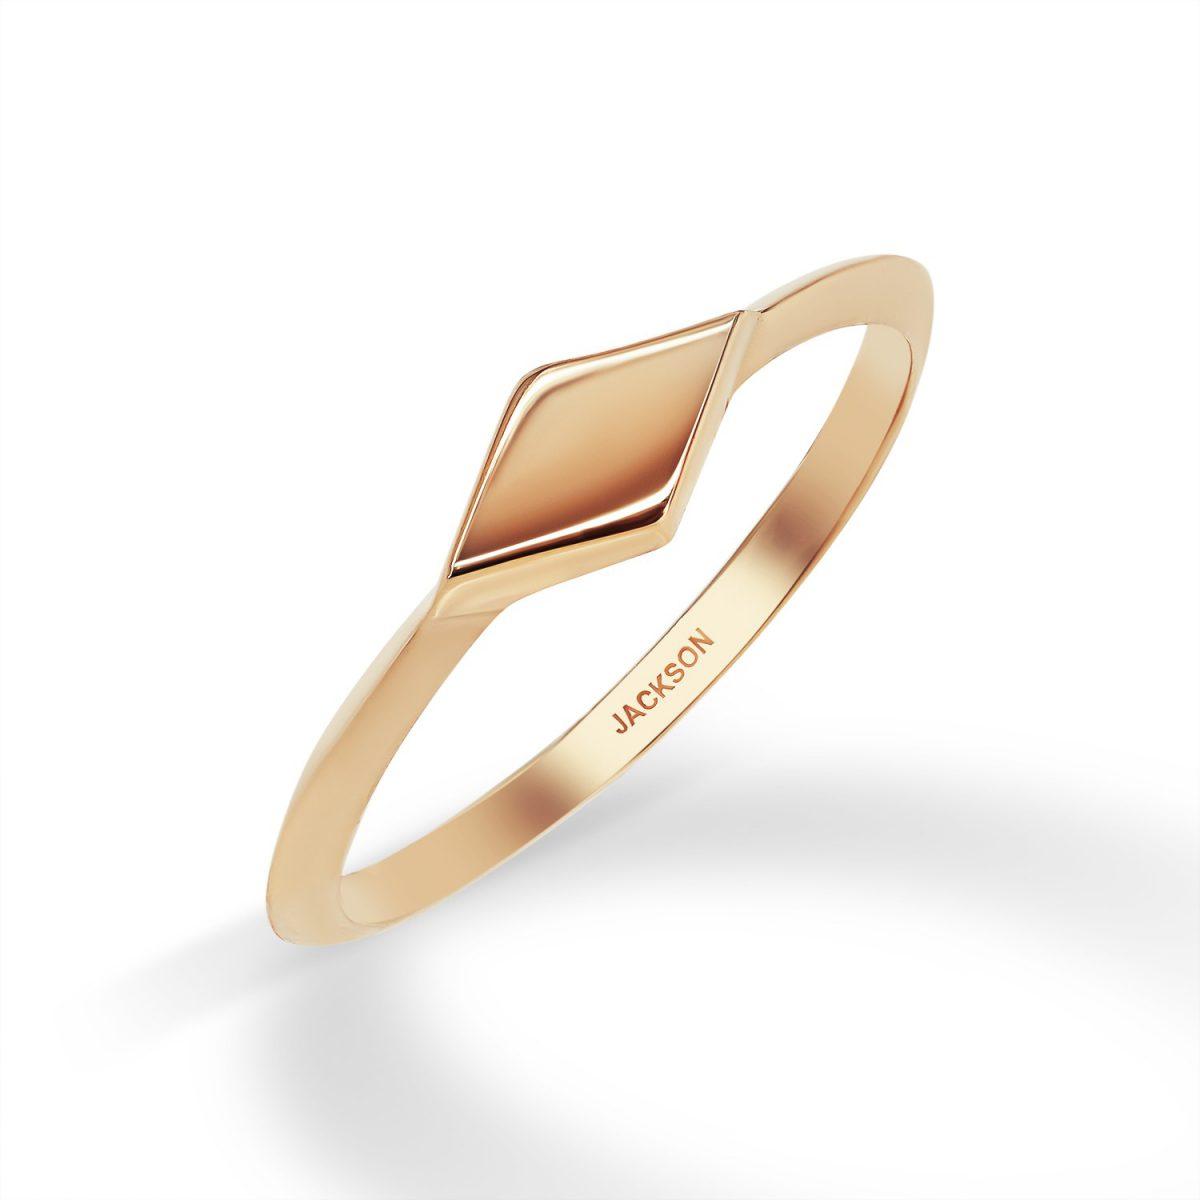 טבעת זהב מורן - זהב אדום